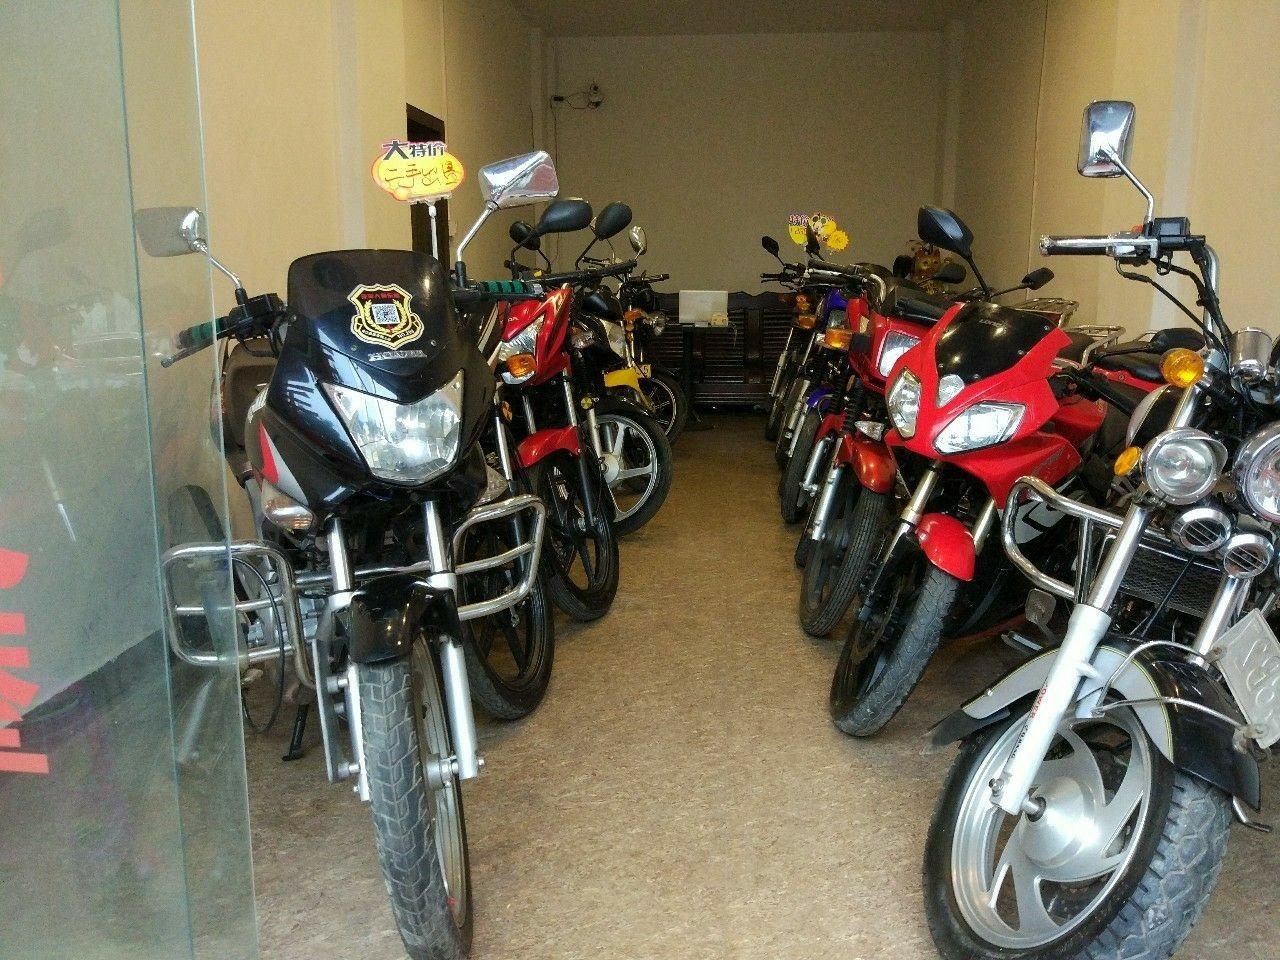 合利二手车行,出售各类摩托,踏板